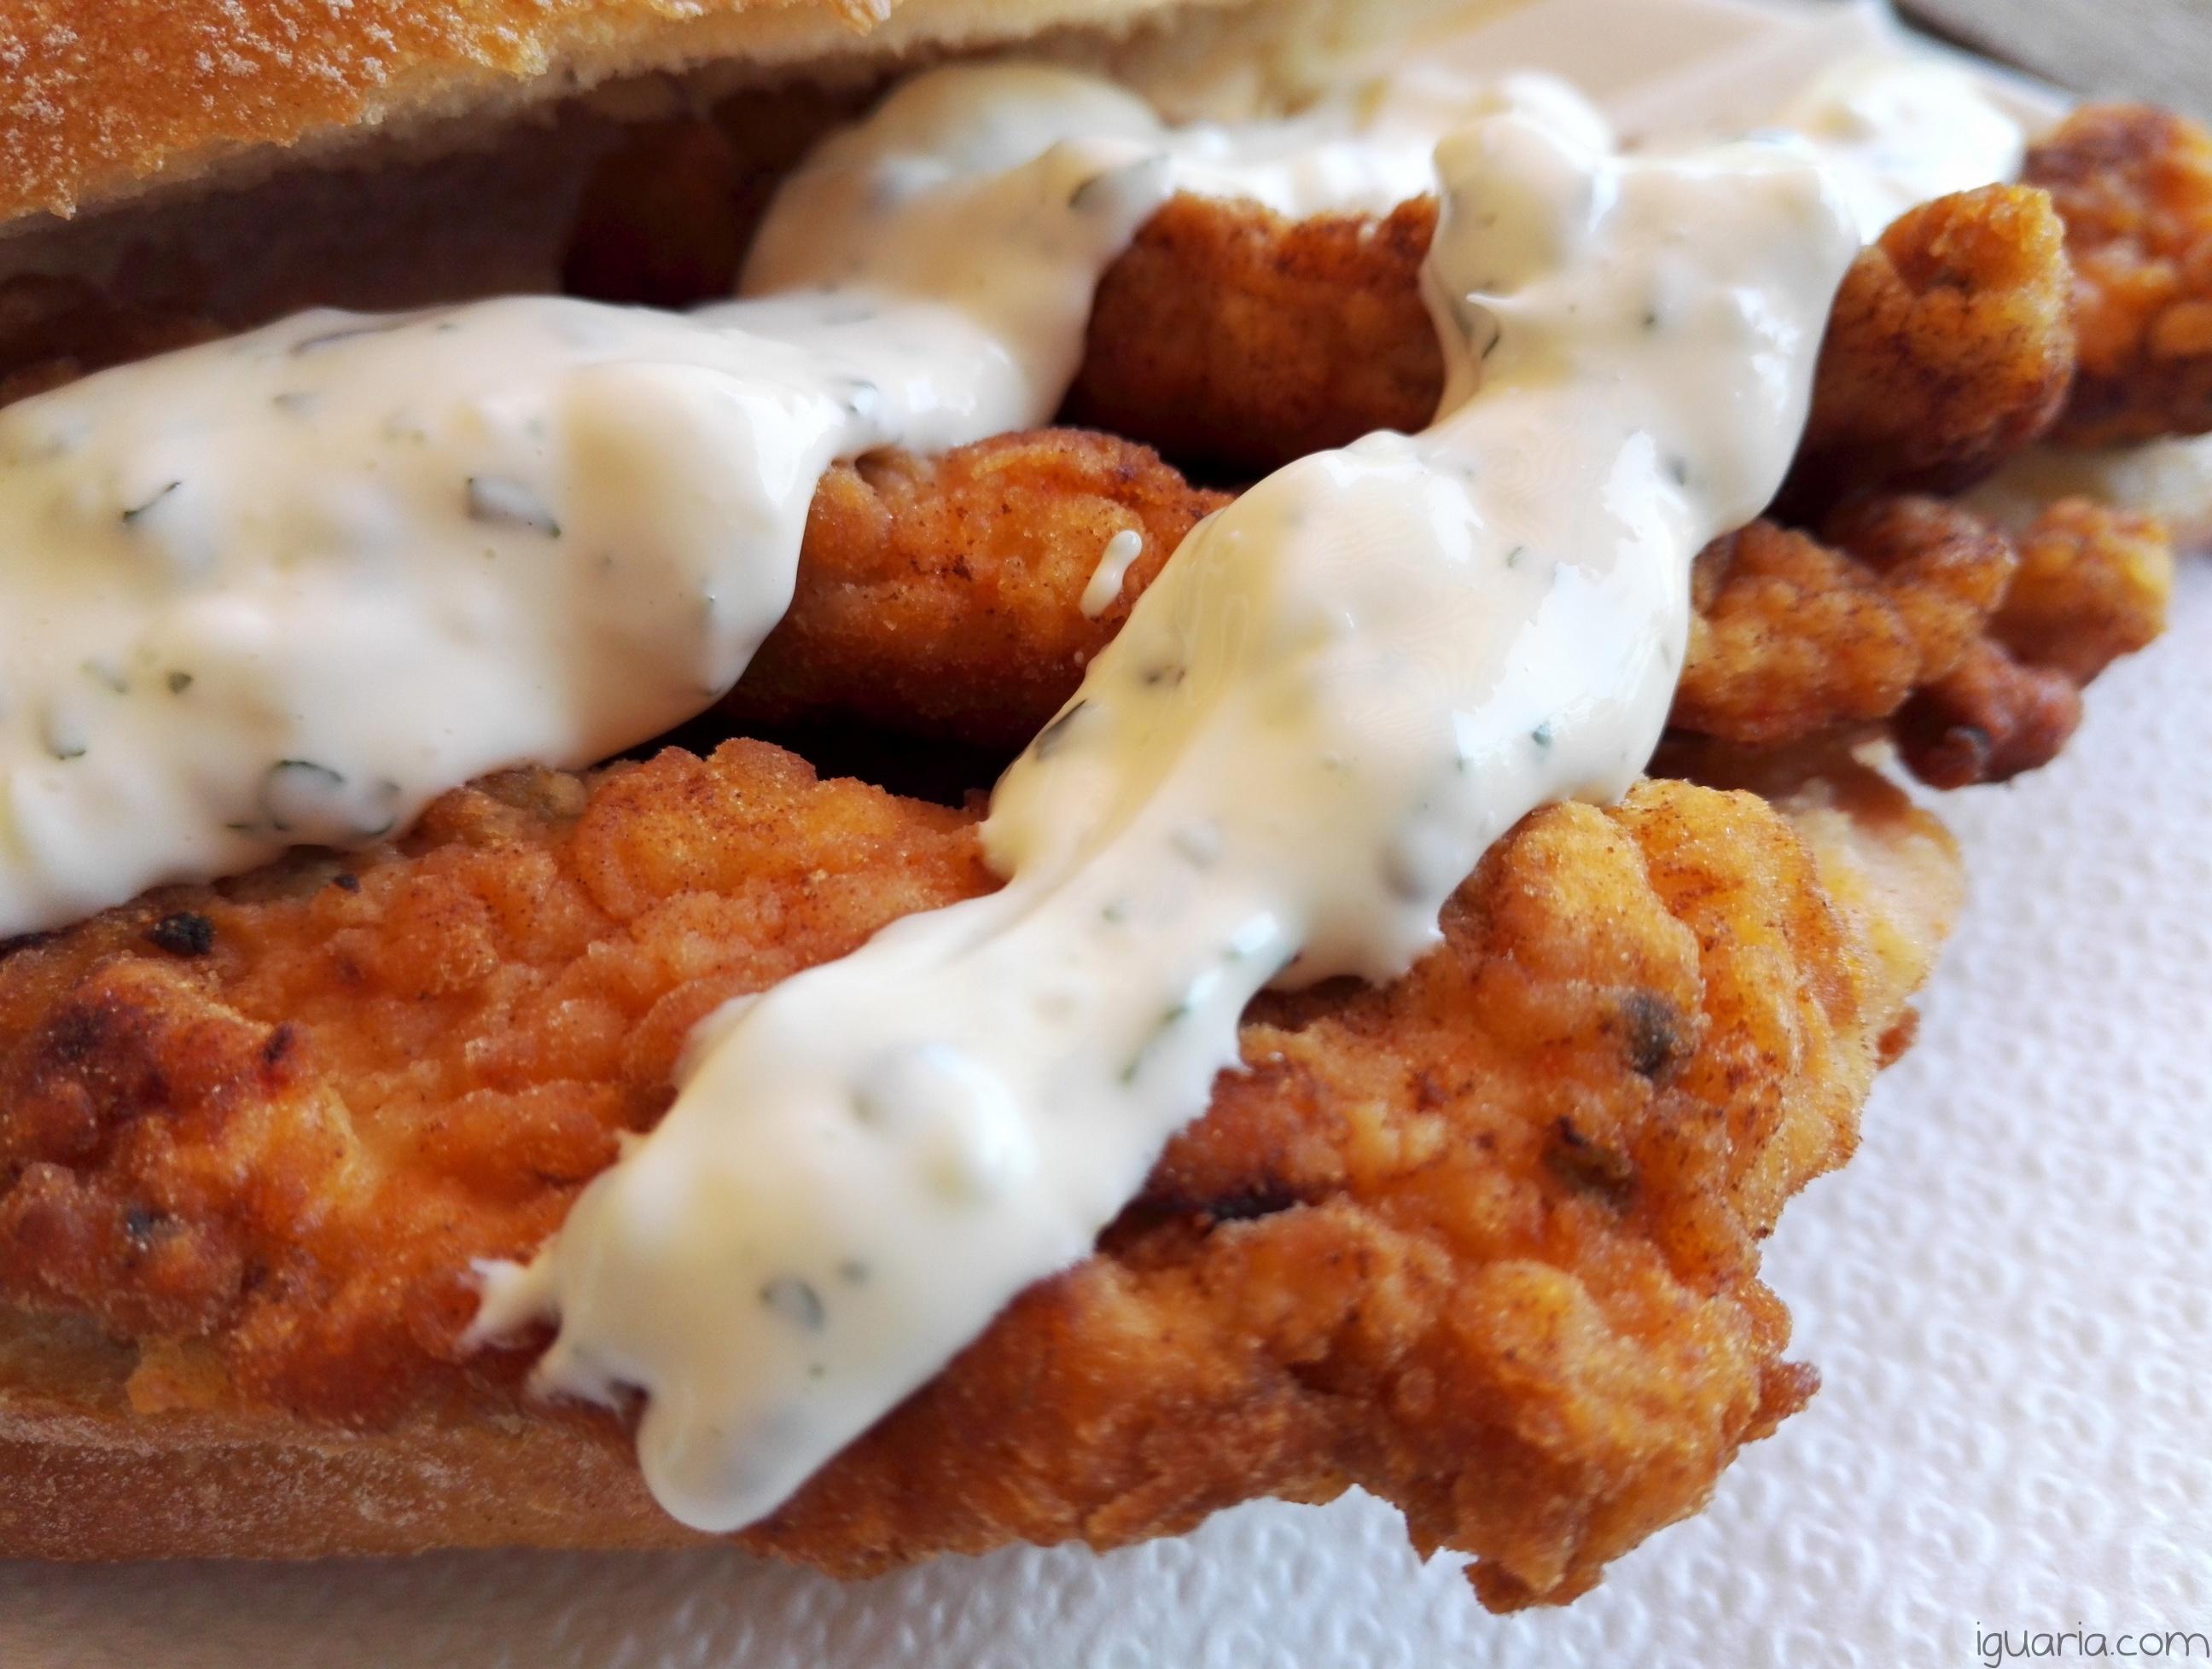 iguaria-frango-frito-com-molho-maionese-coentros